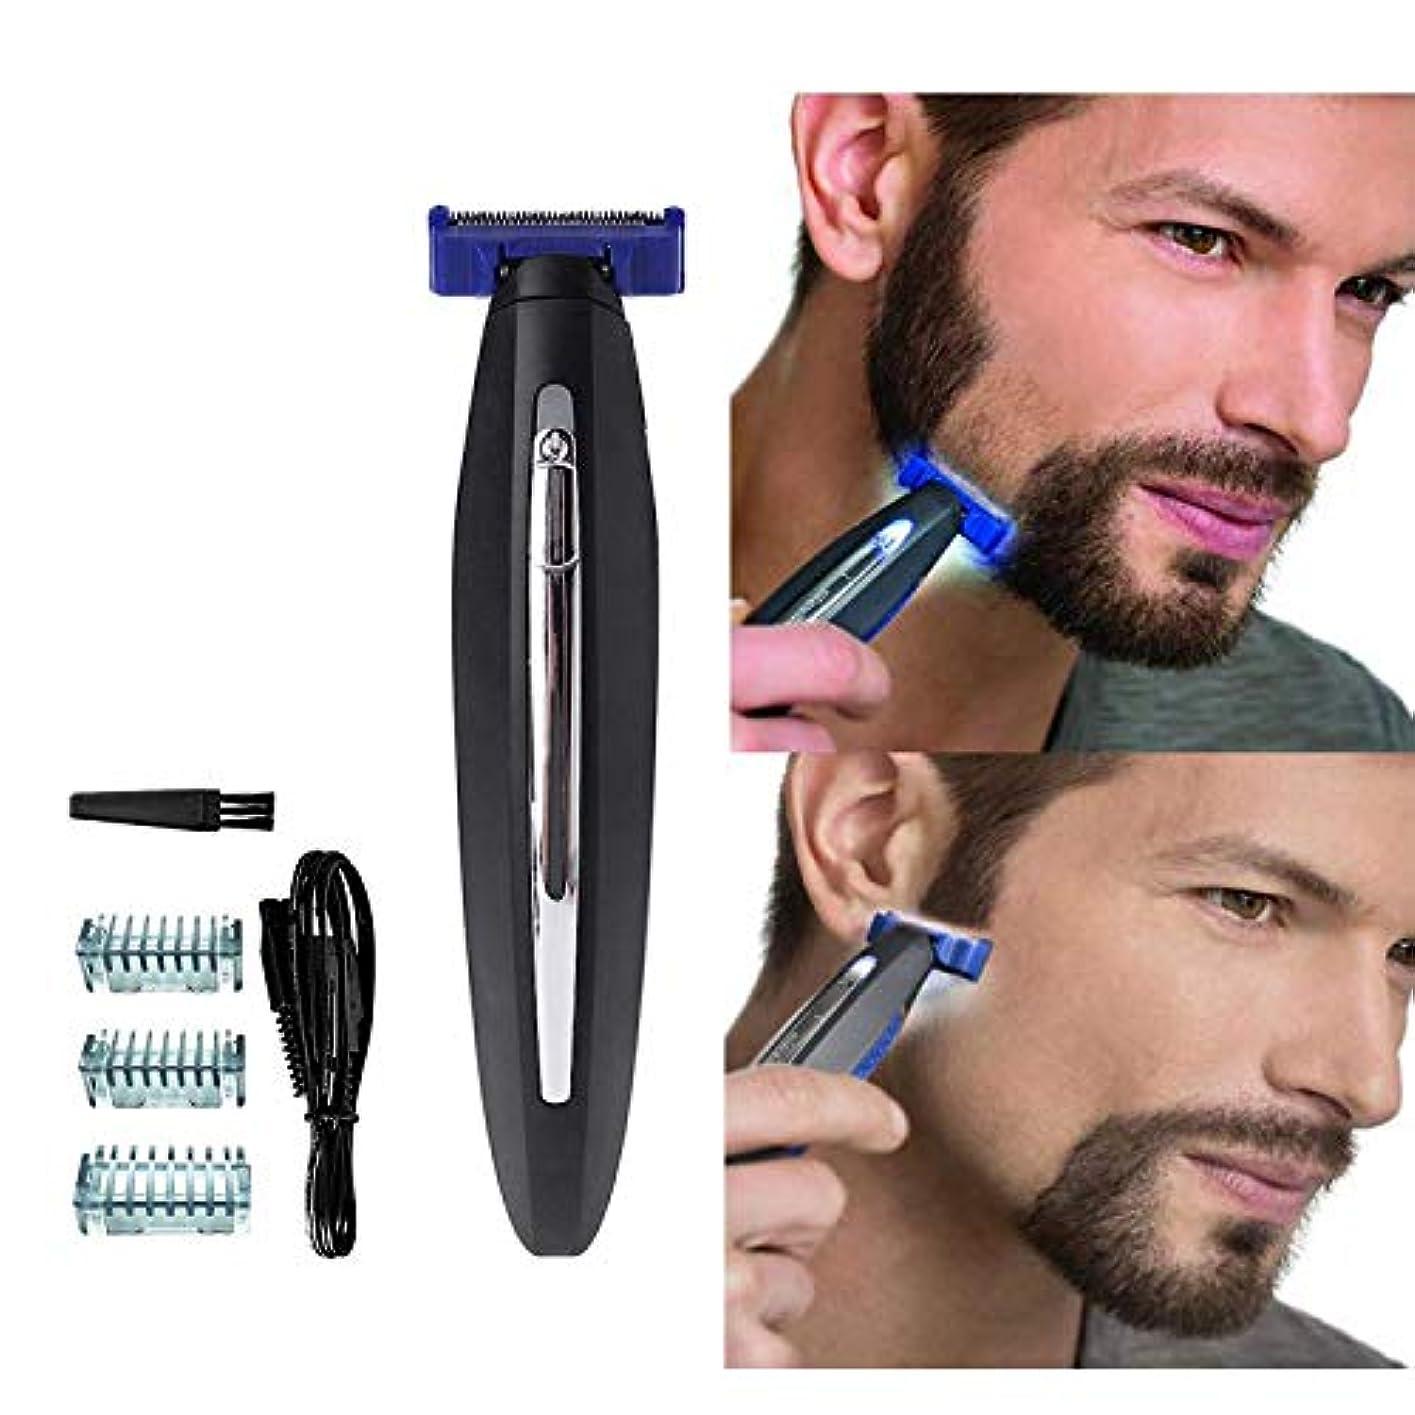 他に排泄するはぁ男性のための電気かみそり、髪のクリーニングシェーバートリマーと防水スマートかみそり、男性のための眉毛のひげのフェイシャルとボディヘアーのための毛の除去剤, black